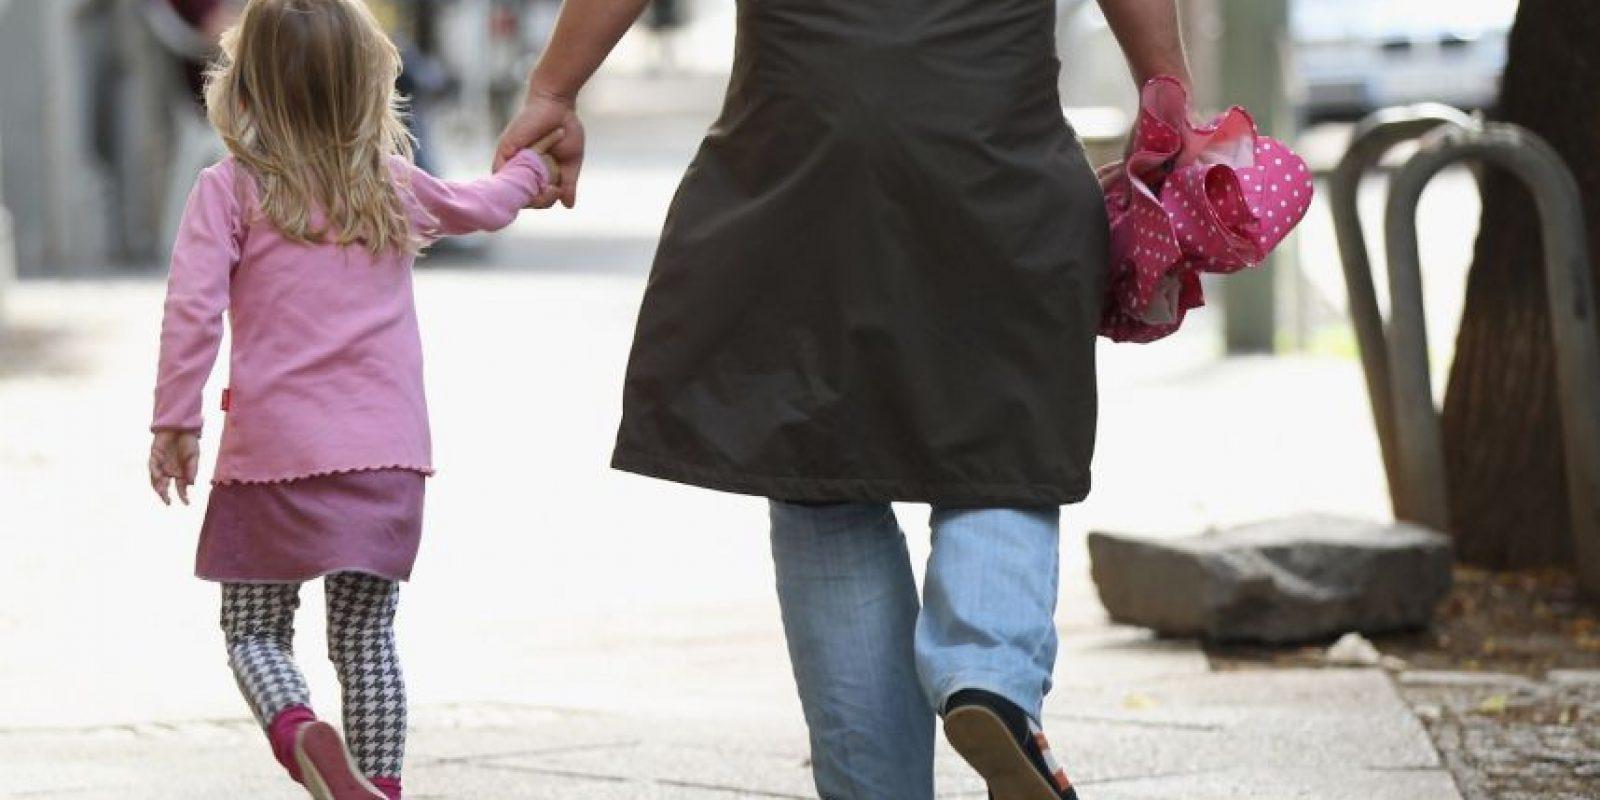 La prevención puede empezar con la lactancia materna, evitando así la alimentación artificial, rica en azúcares innecesarios Foto:Getty Images